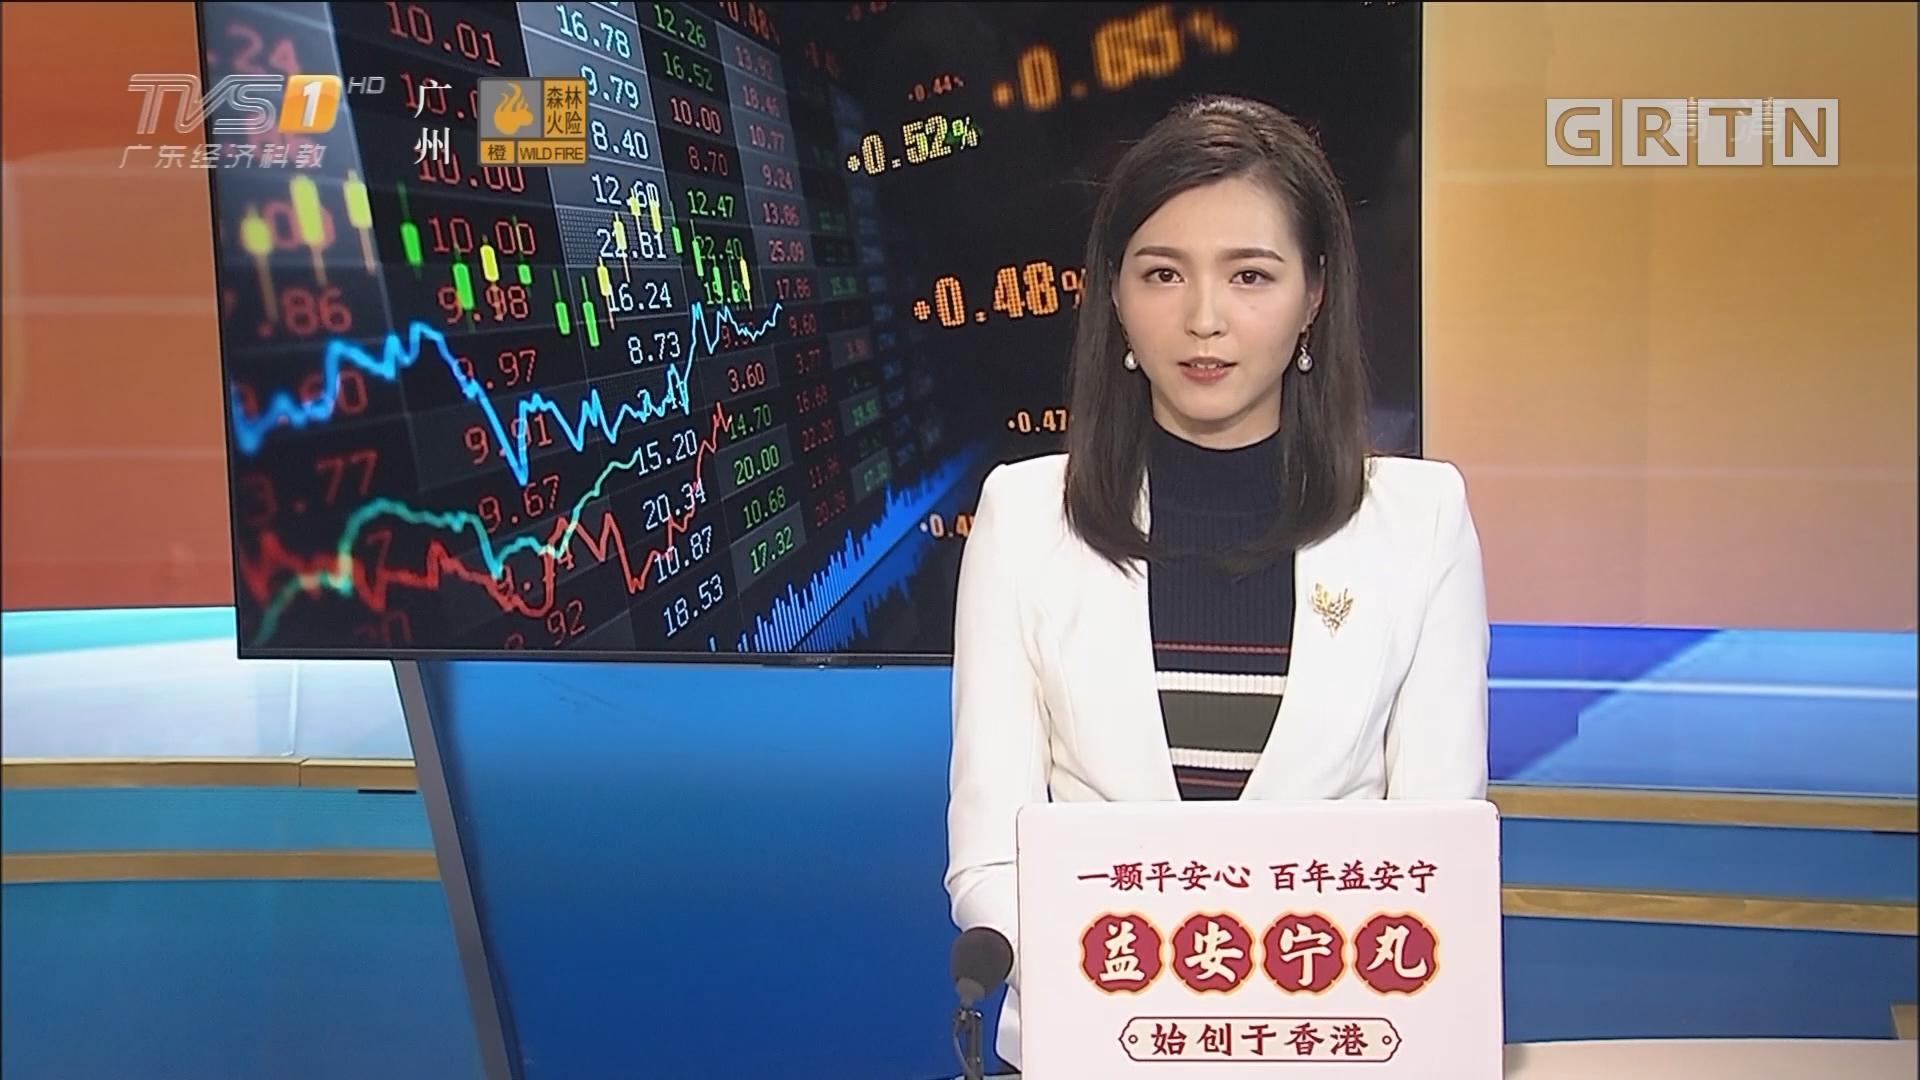 国内股市情况